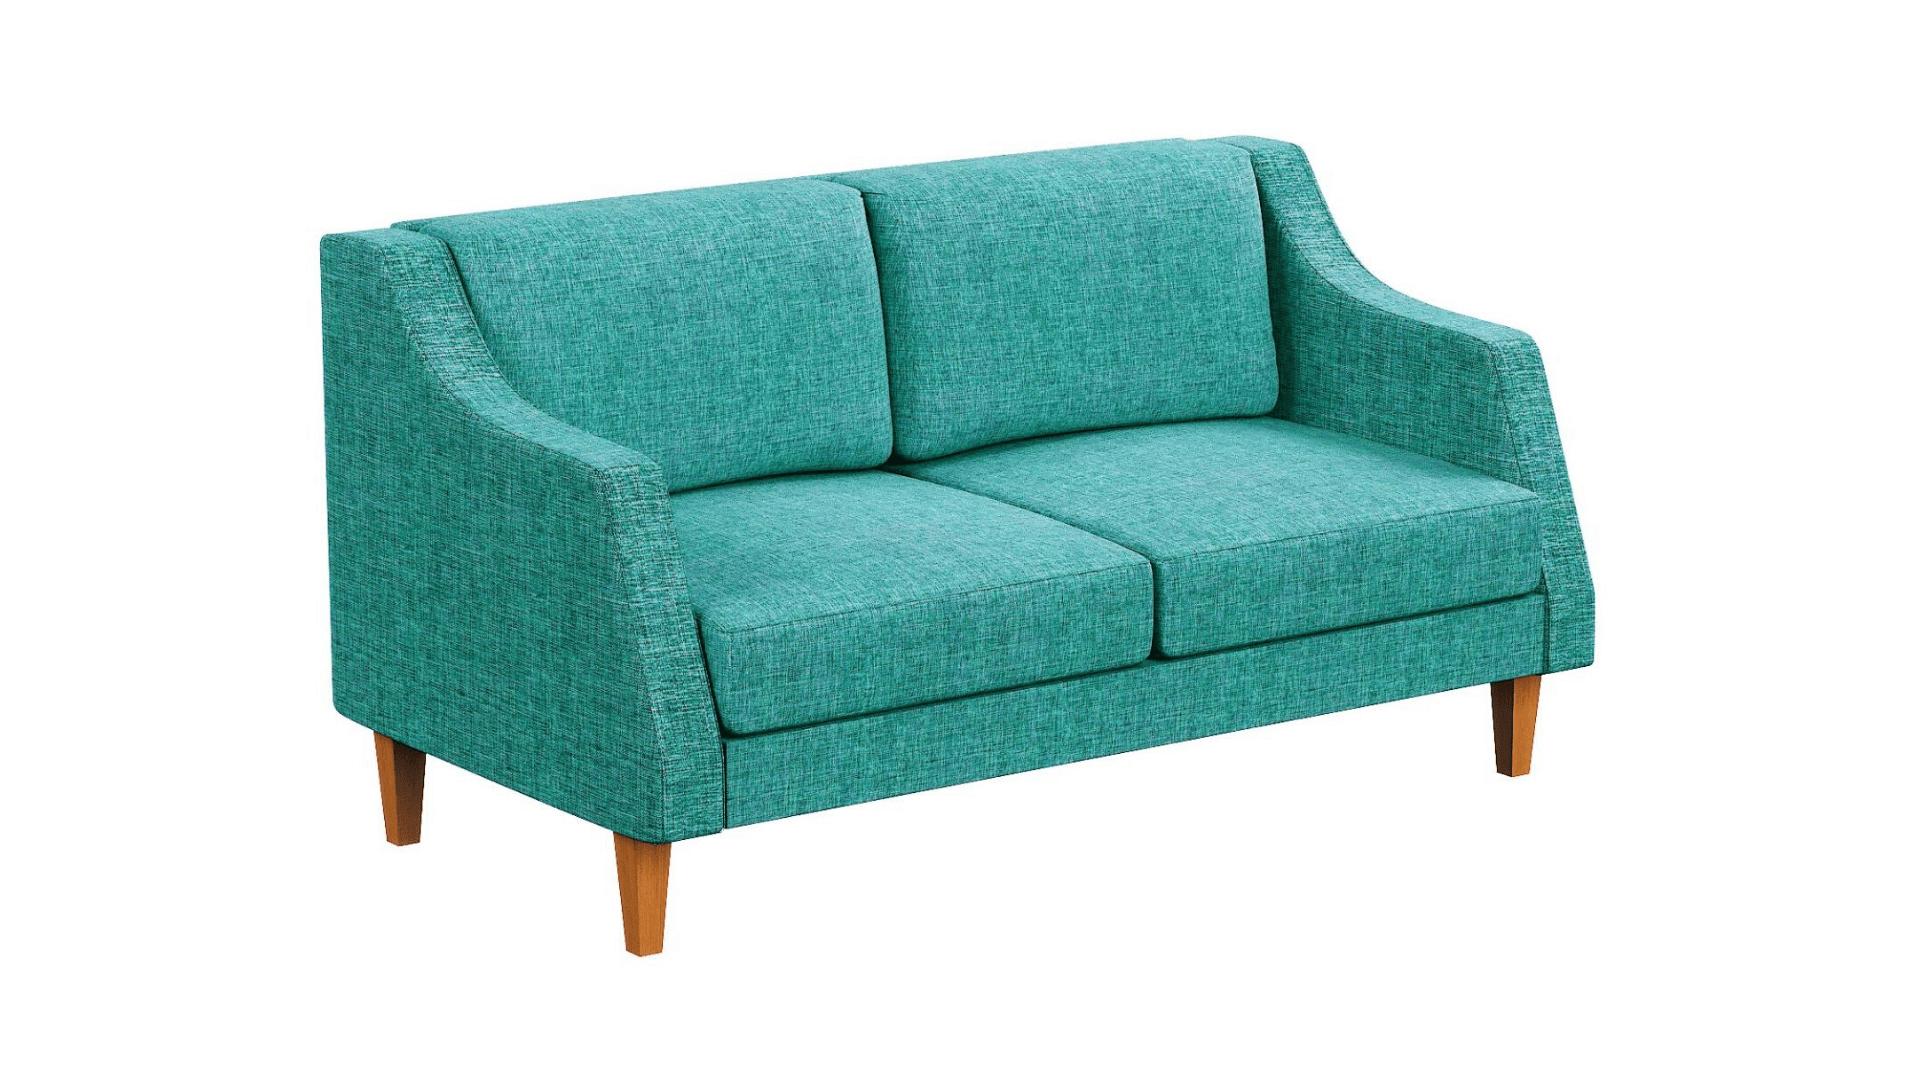 Jual Sofa Minimalis di Bengkalis